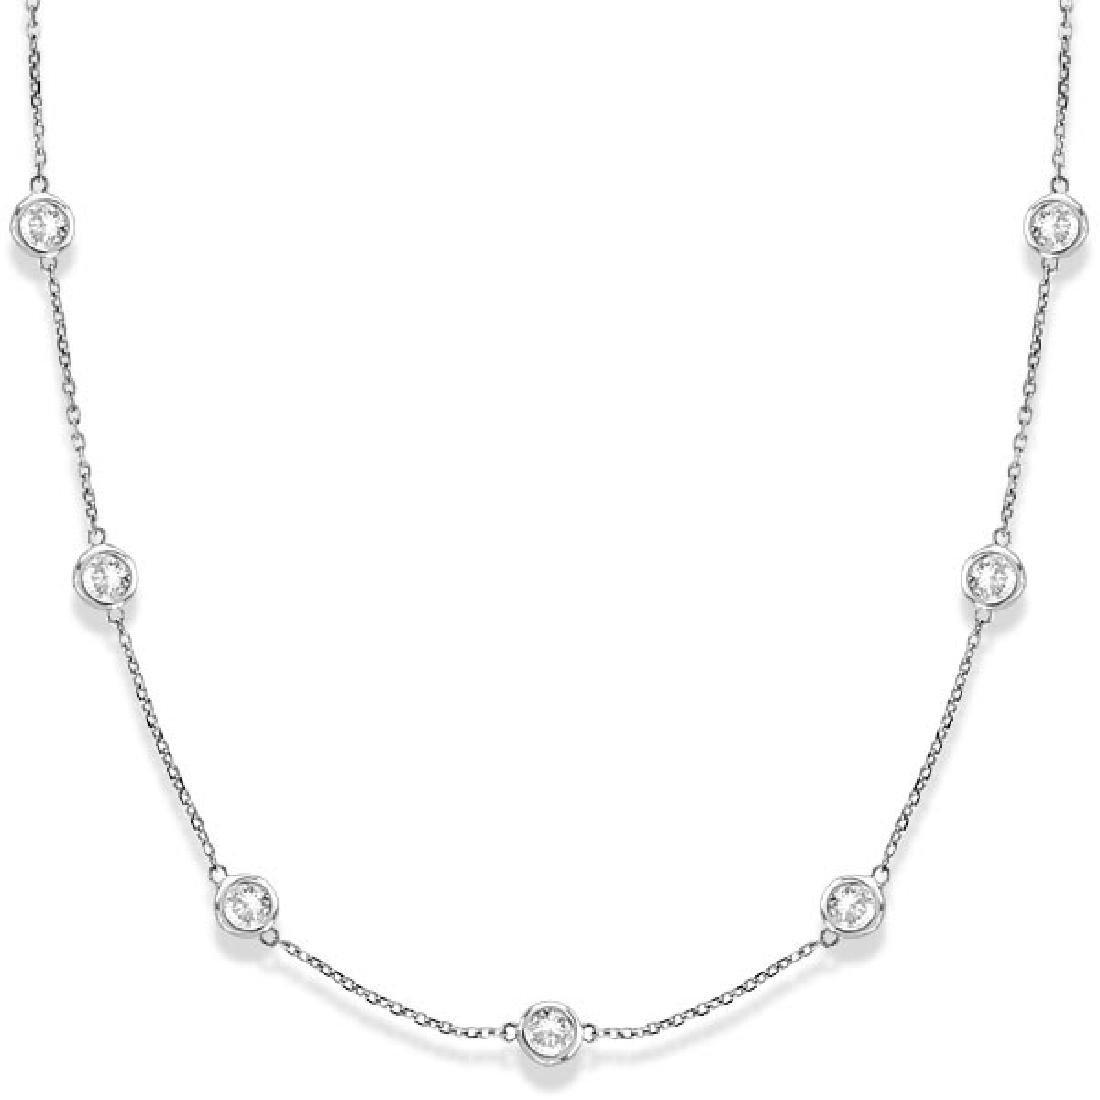 Diamonds by The Yard Bezel-Set Necklace 14k White Gold